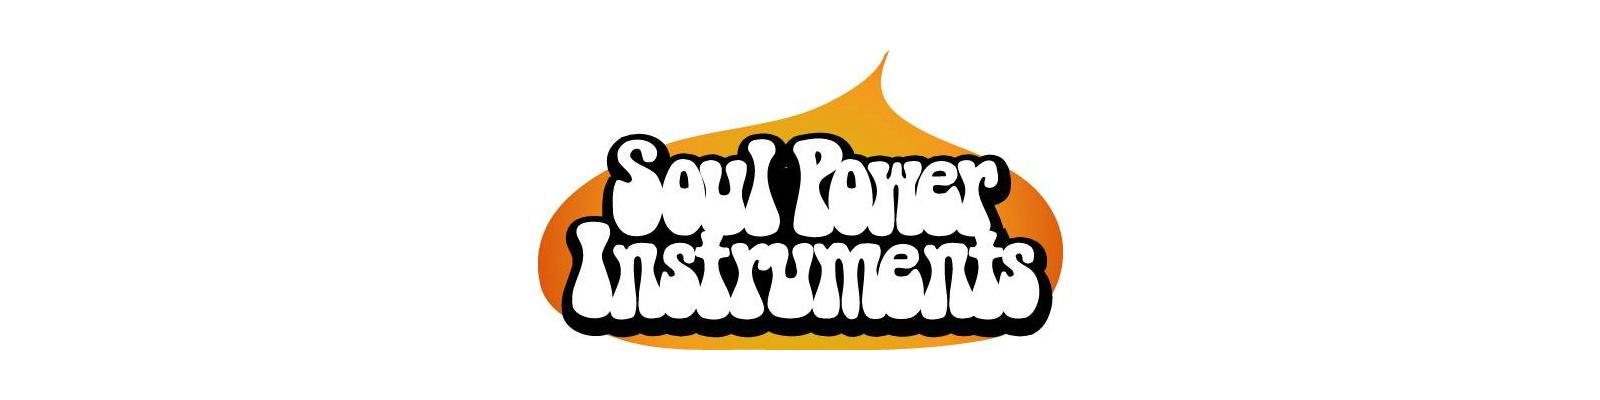 spi-logo-1600x400.jpg